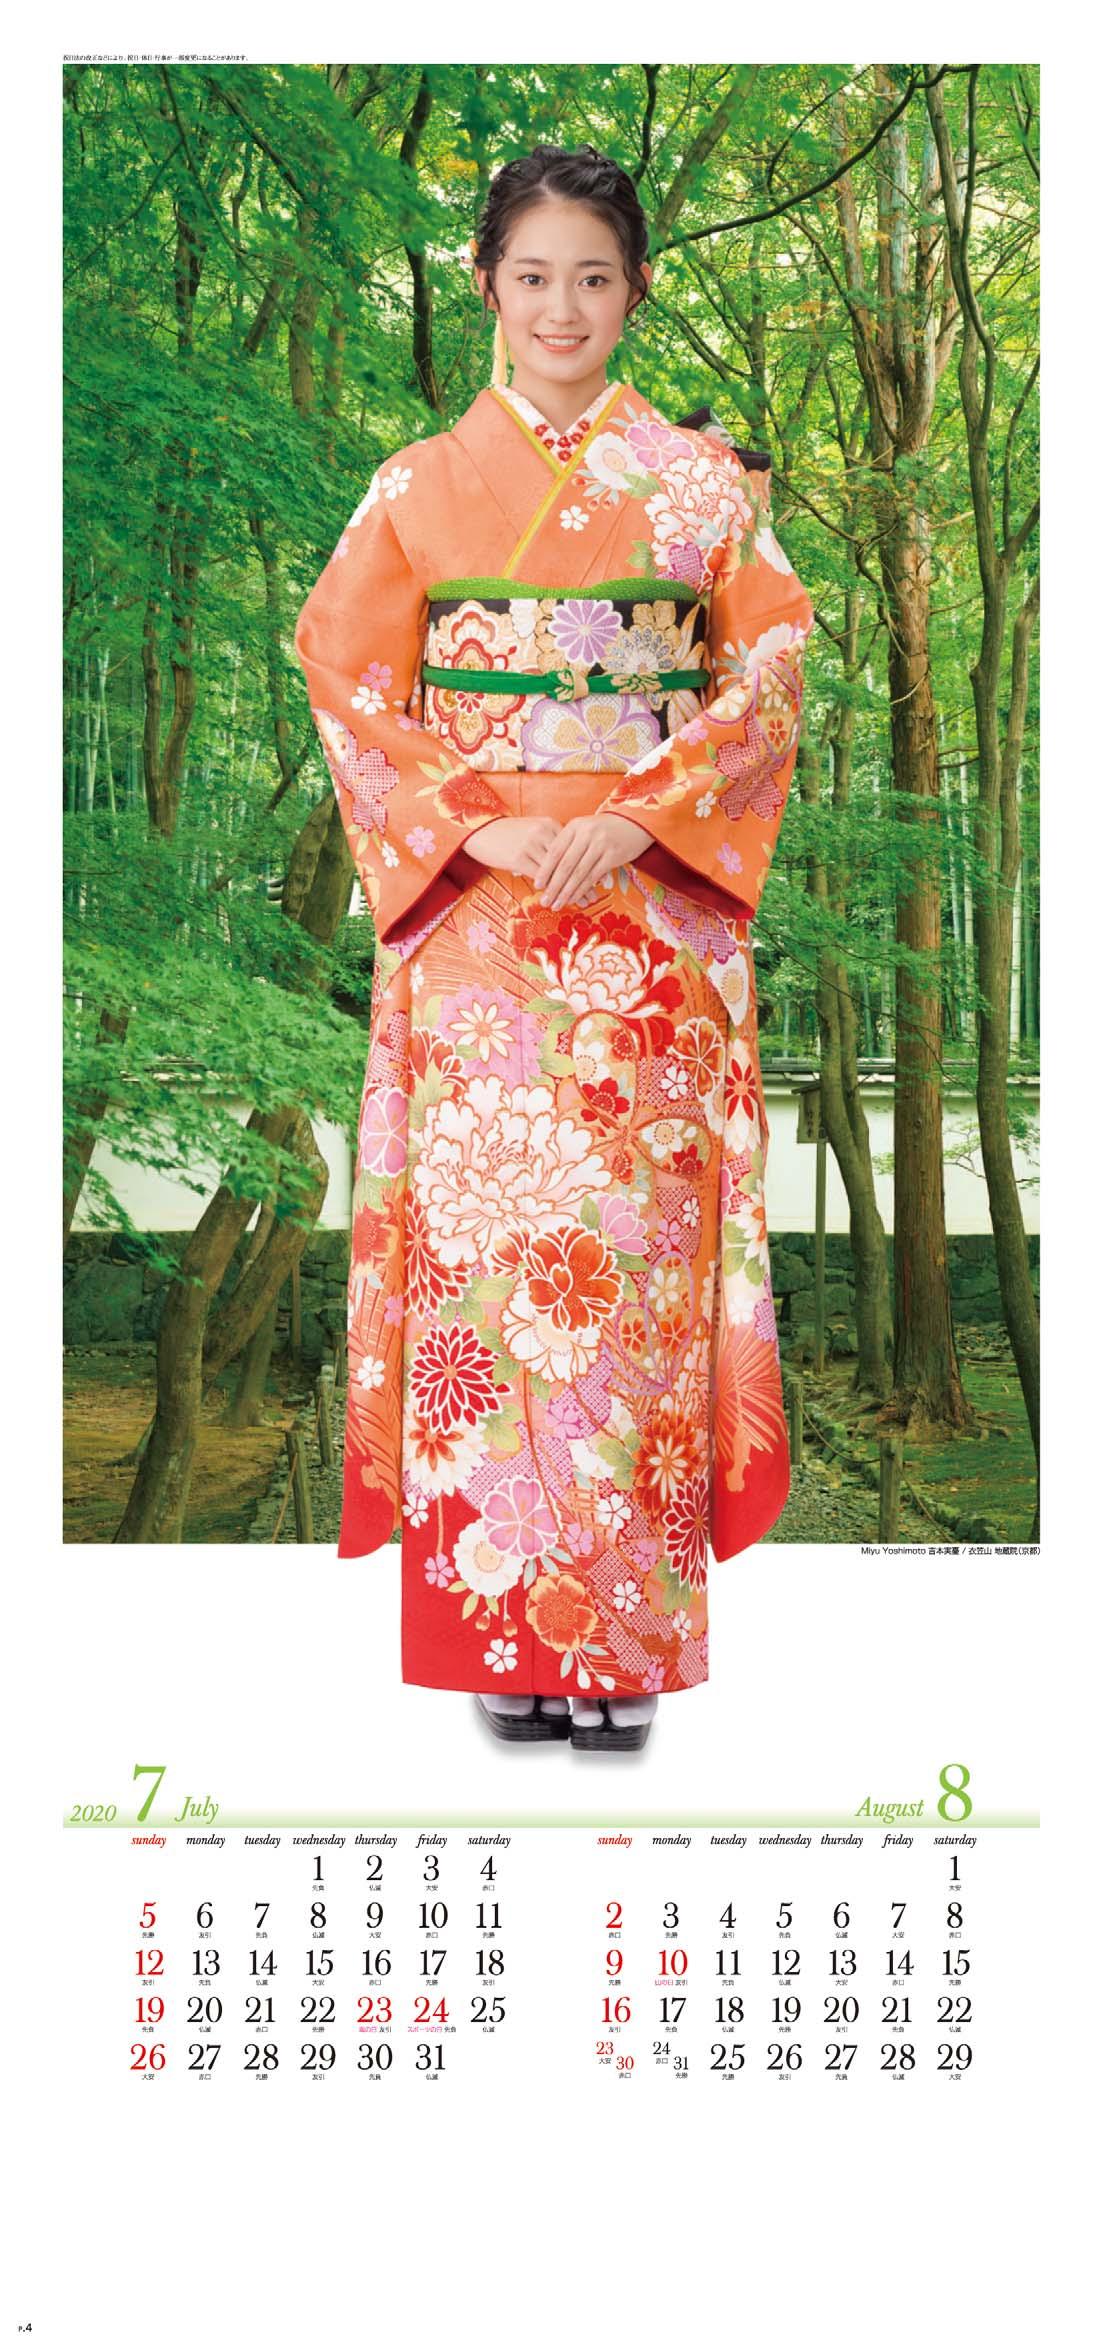 画像:吉本美憂/地蔵院 (京都) 華苑 2020年カレンダー